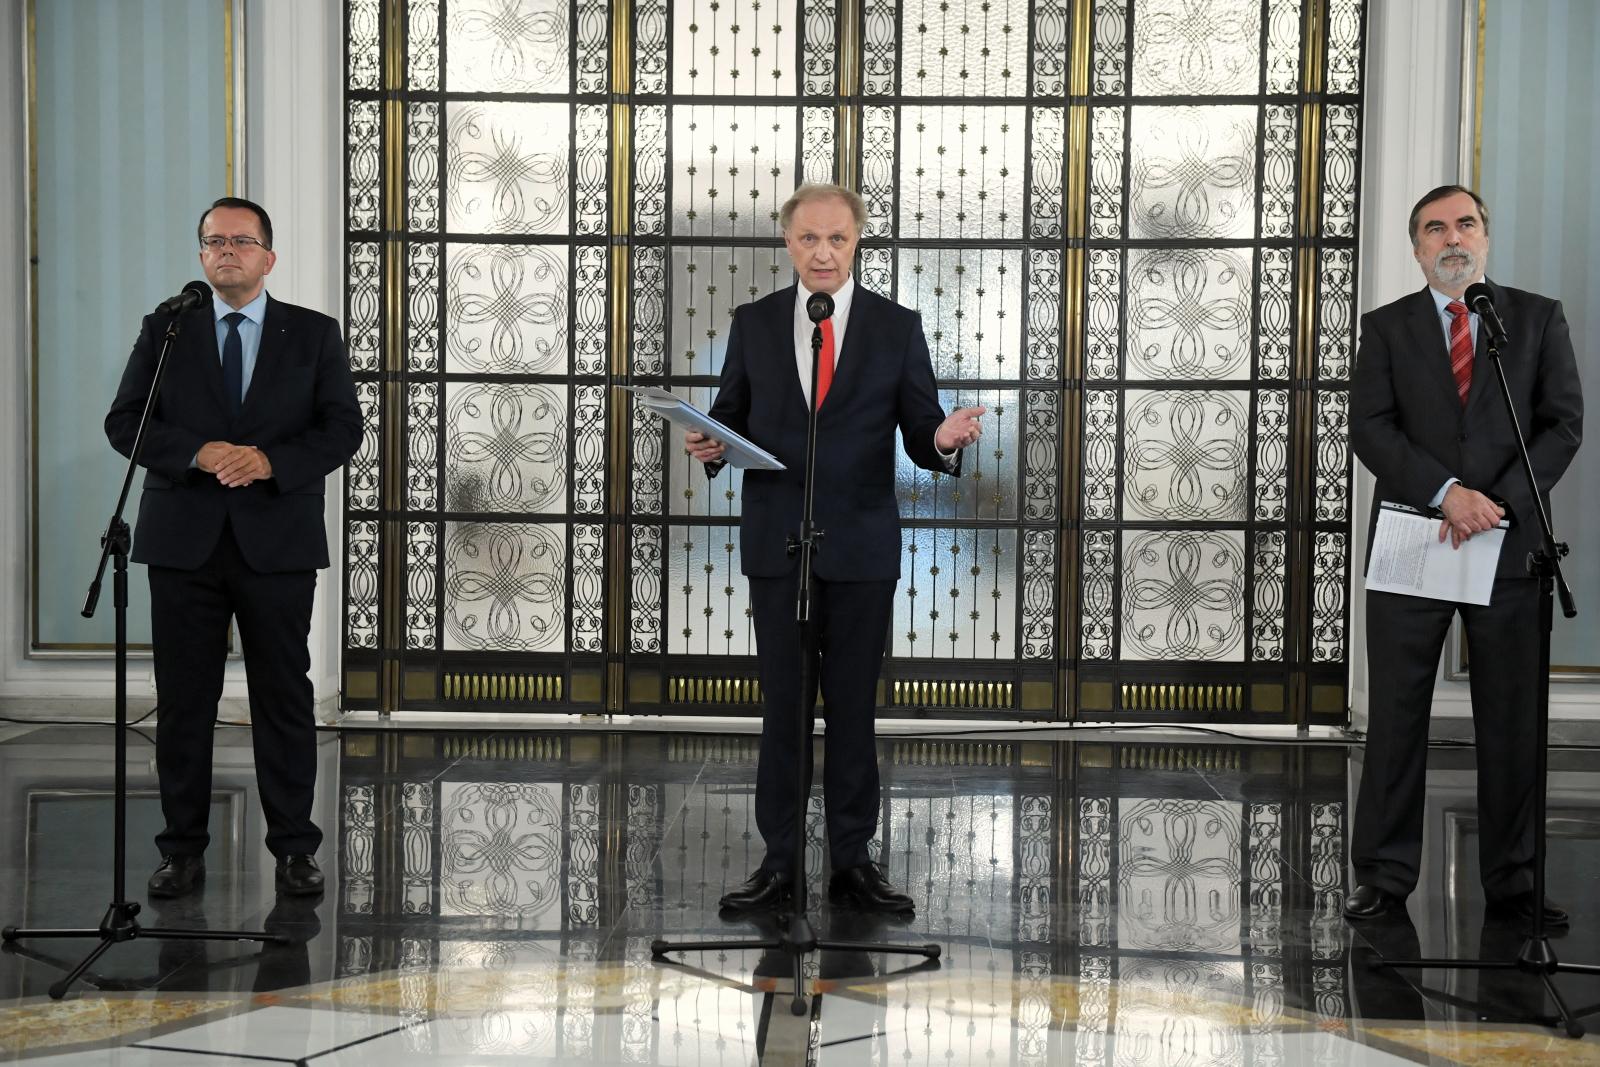 Posłowie partii Gowina: Nie ma podstawy, żeby Porozumienie wyszło ze Zjednoczonej Prawicy - GazetaPrawna.pl - biznes, podatki, prawo, finanse, wiadomości, praca -